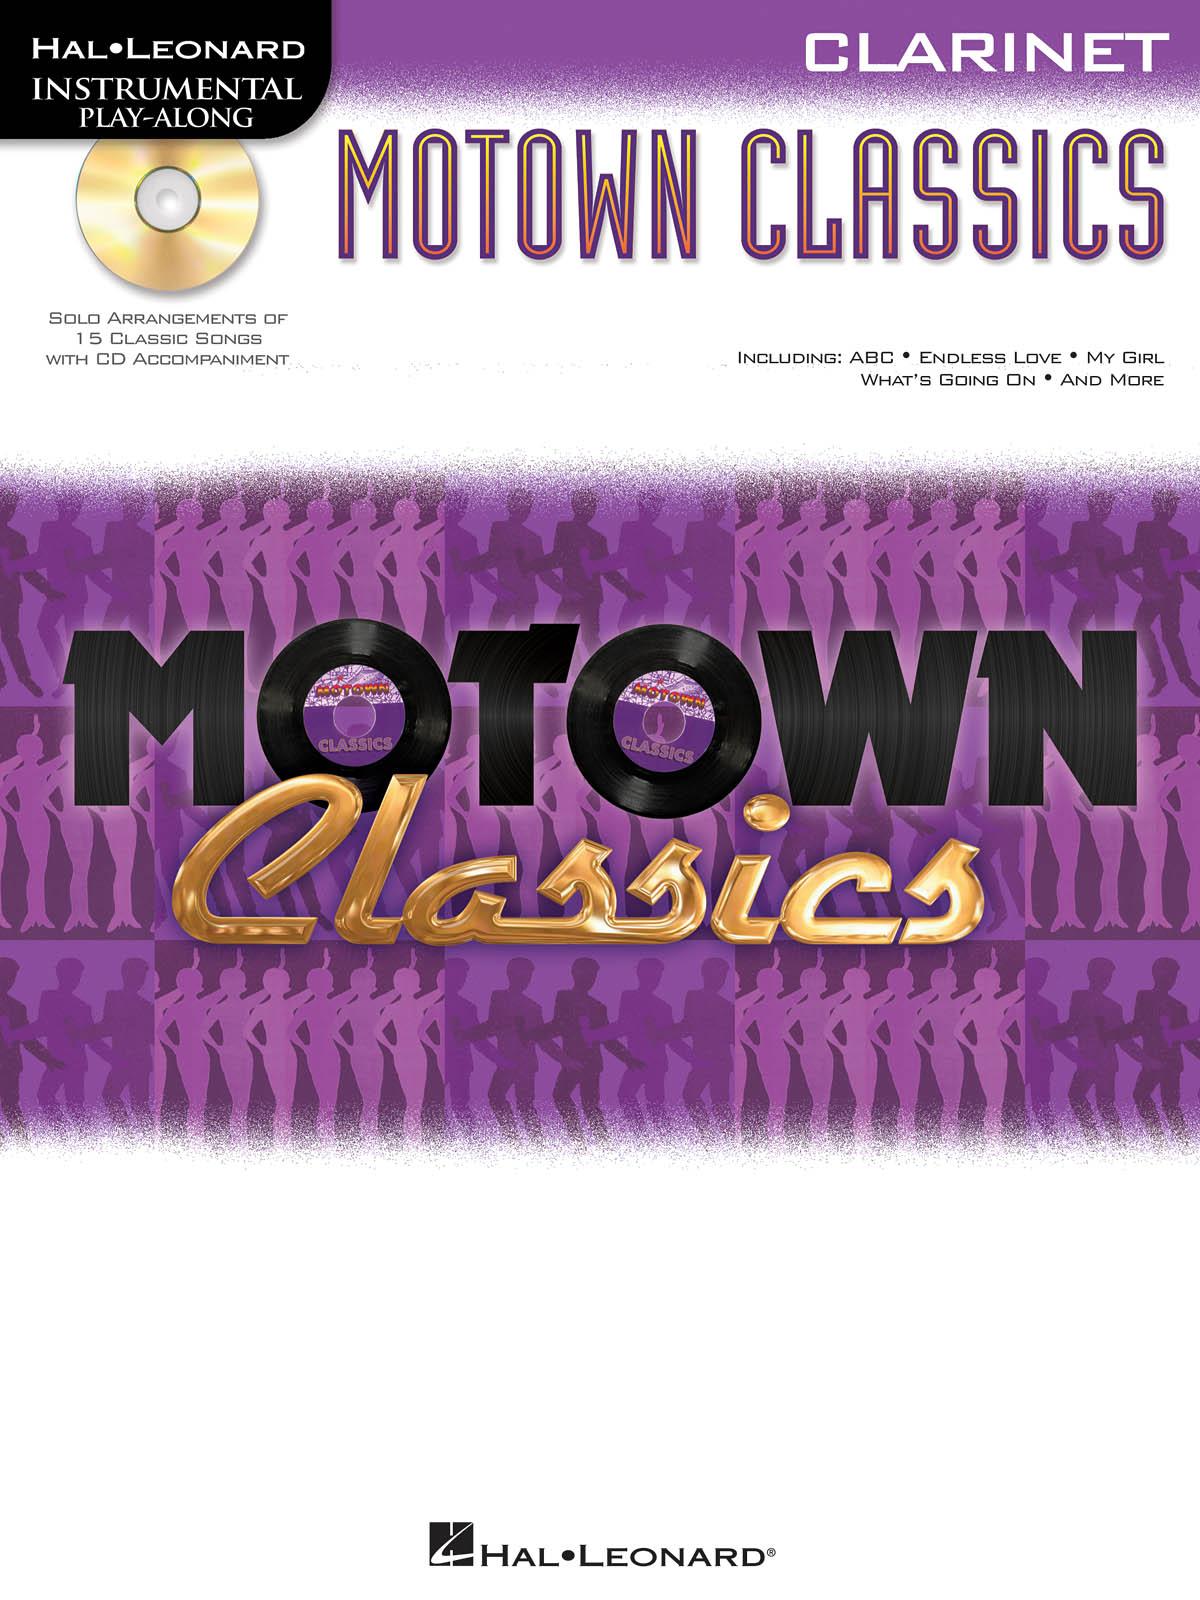 Motown Classics - Clarinet: Clarinet Solo: Instrumental Album